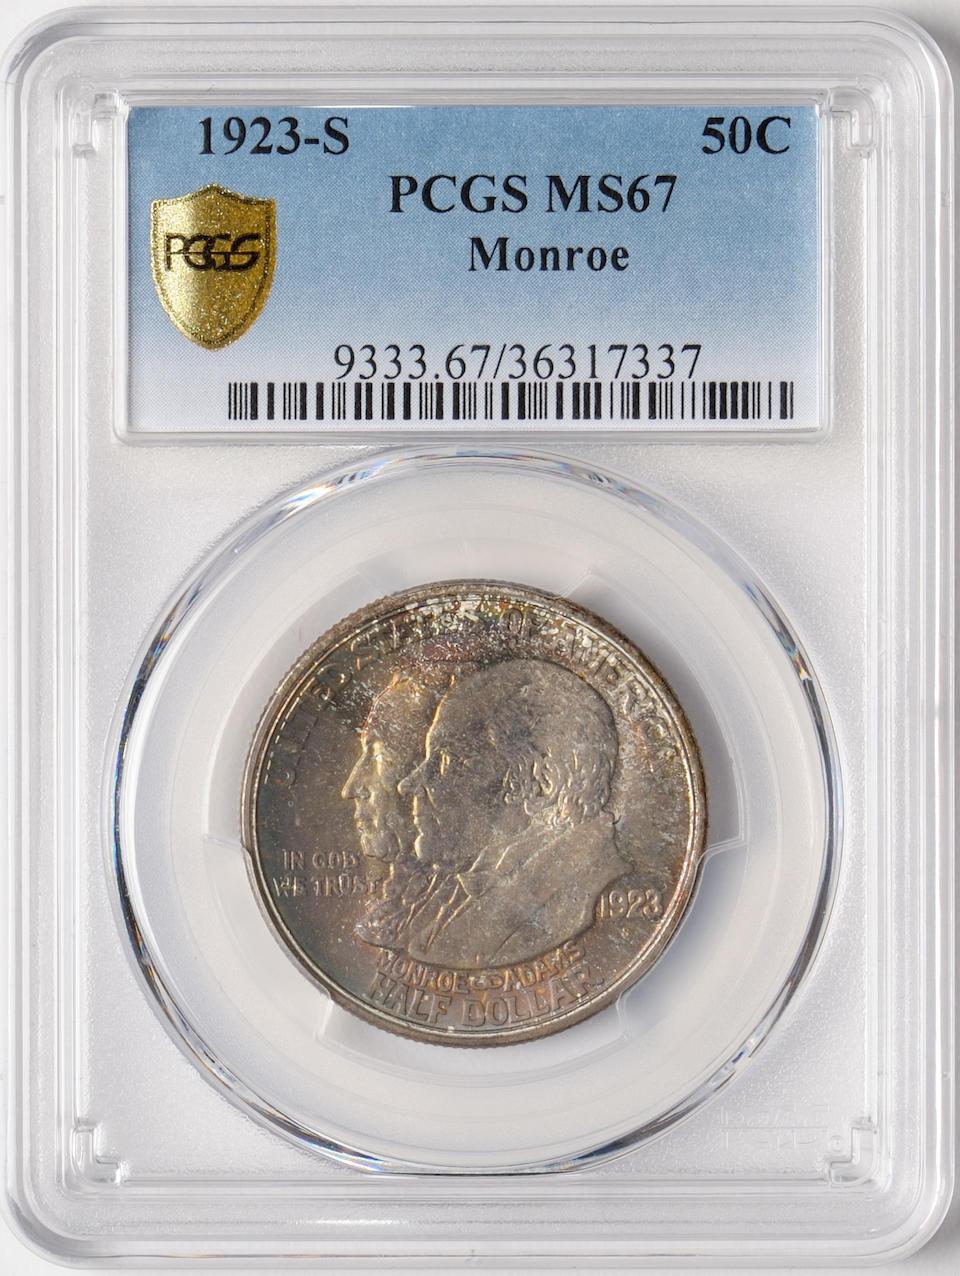 1923-S 50C Monroe MS67 PCGS